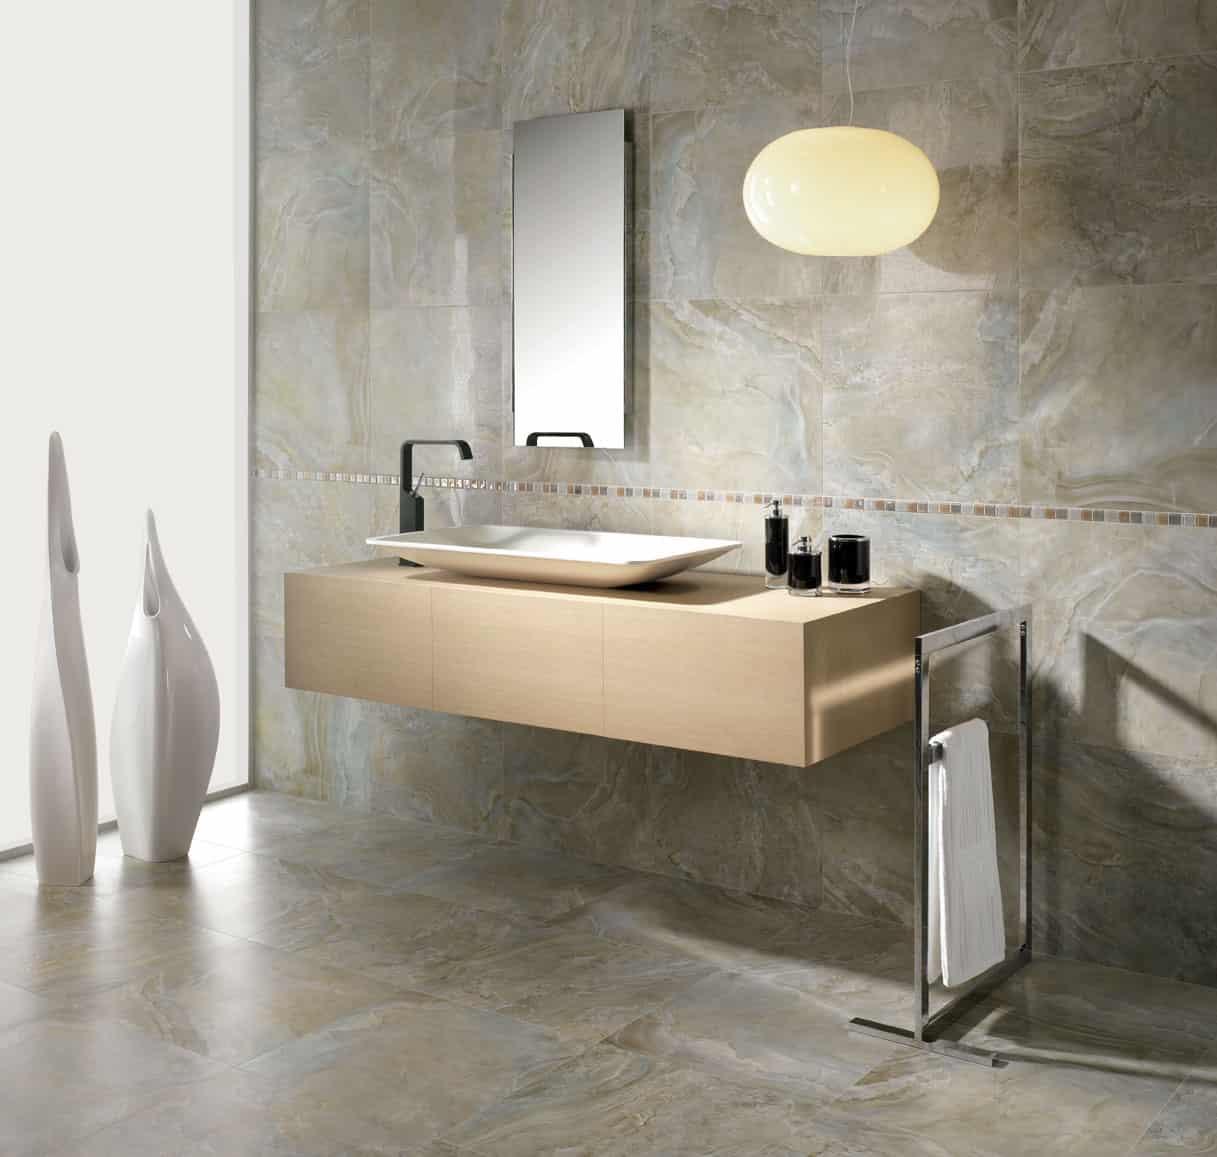 Bathroom Tile Floor And Wall Ideas Part - 17: Marble Tile Bathroom Decoration